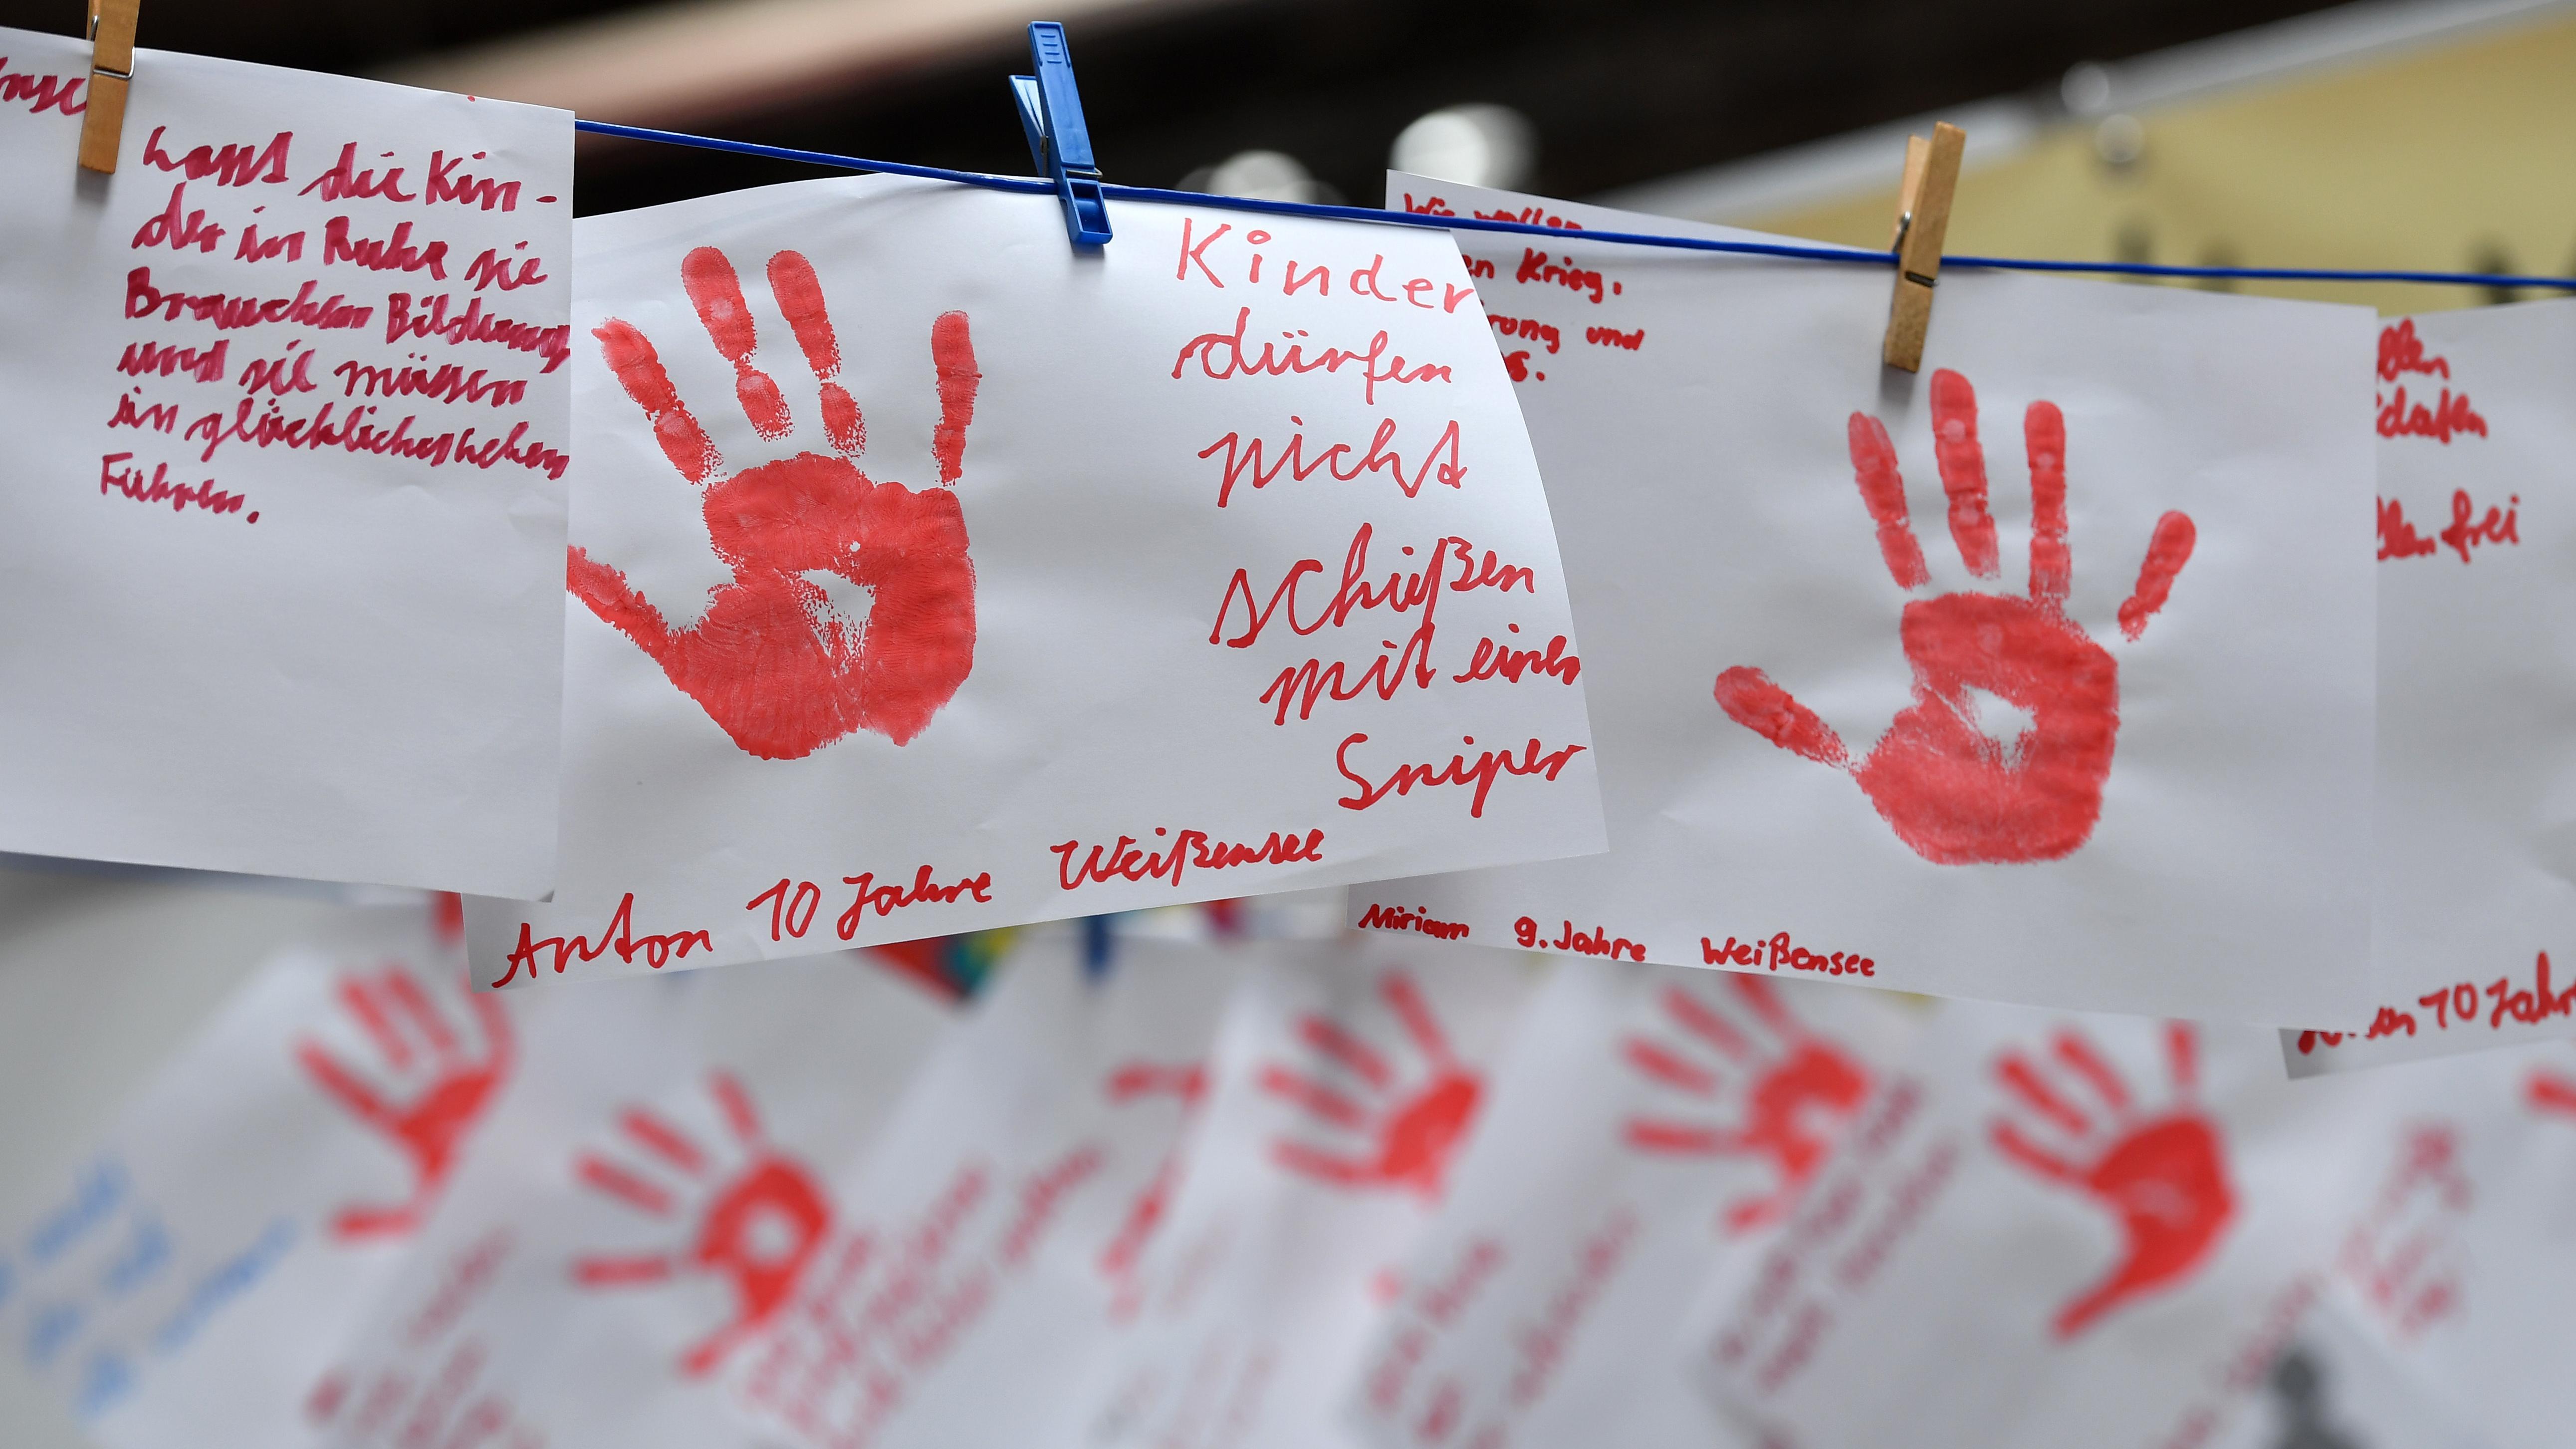 Blätter mit roten Handabdrücken und Gedanken von Kindern zum Thema Kindersoldaten hängen an einer Leine